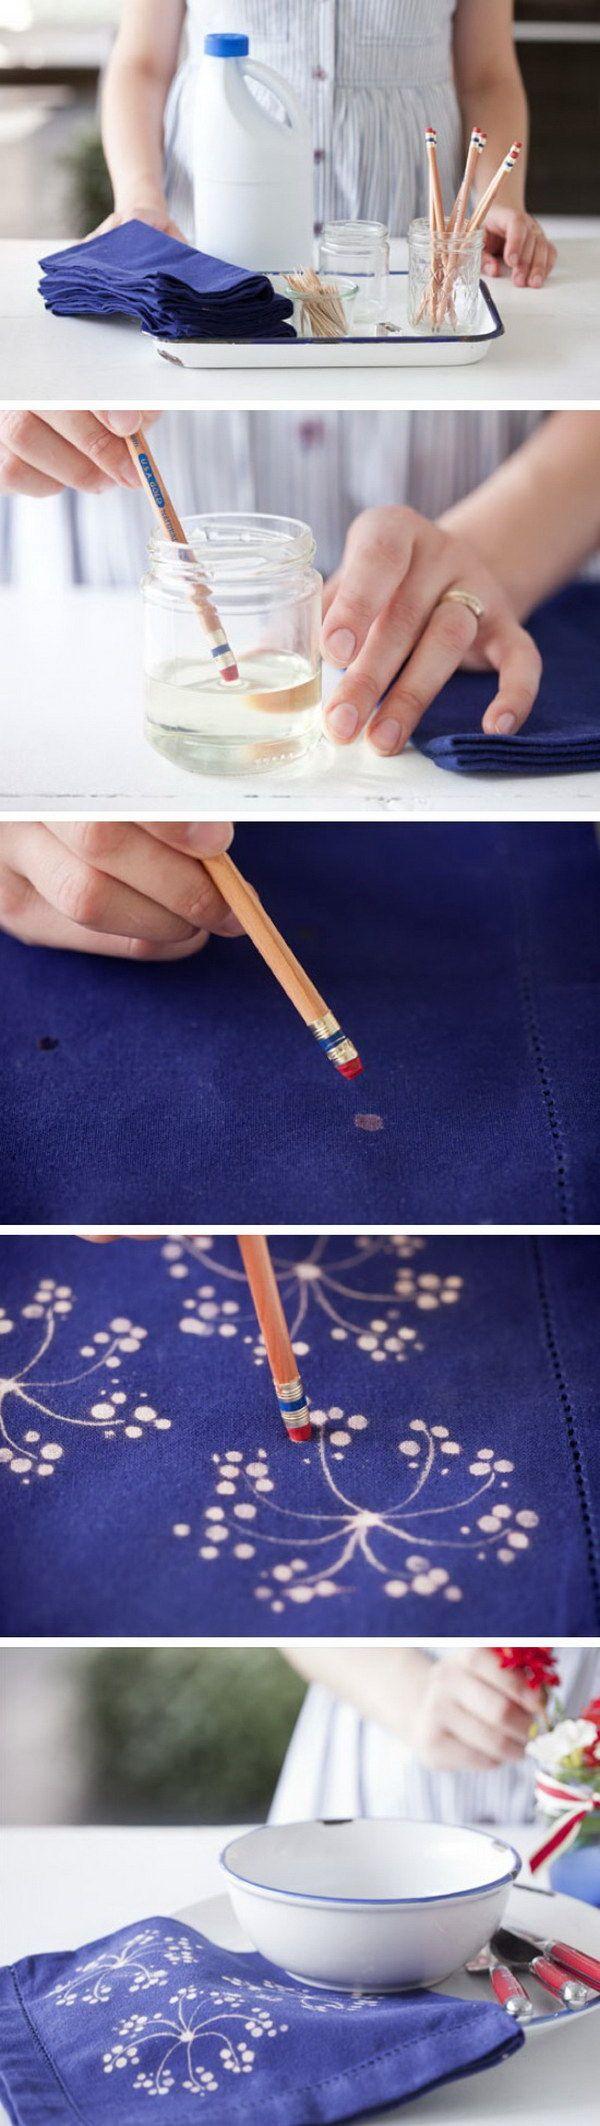 Fabric Bleach Art Table Napkins.